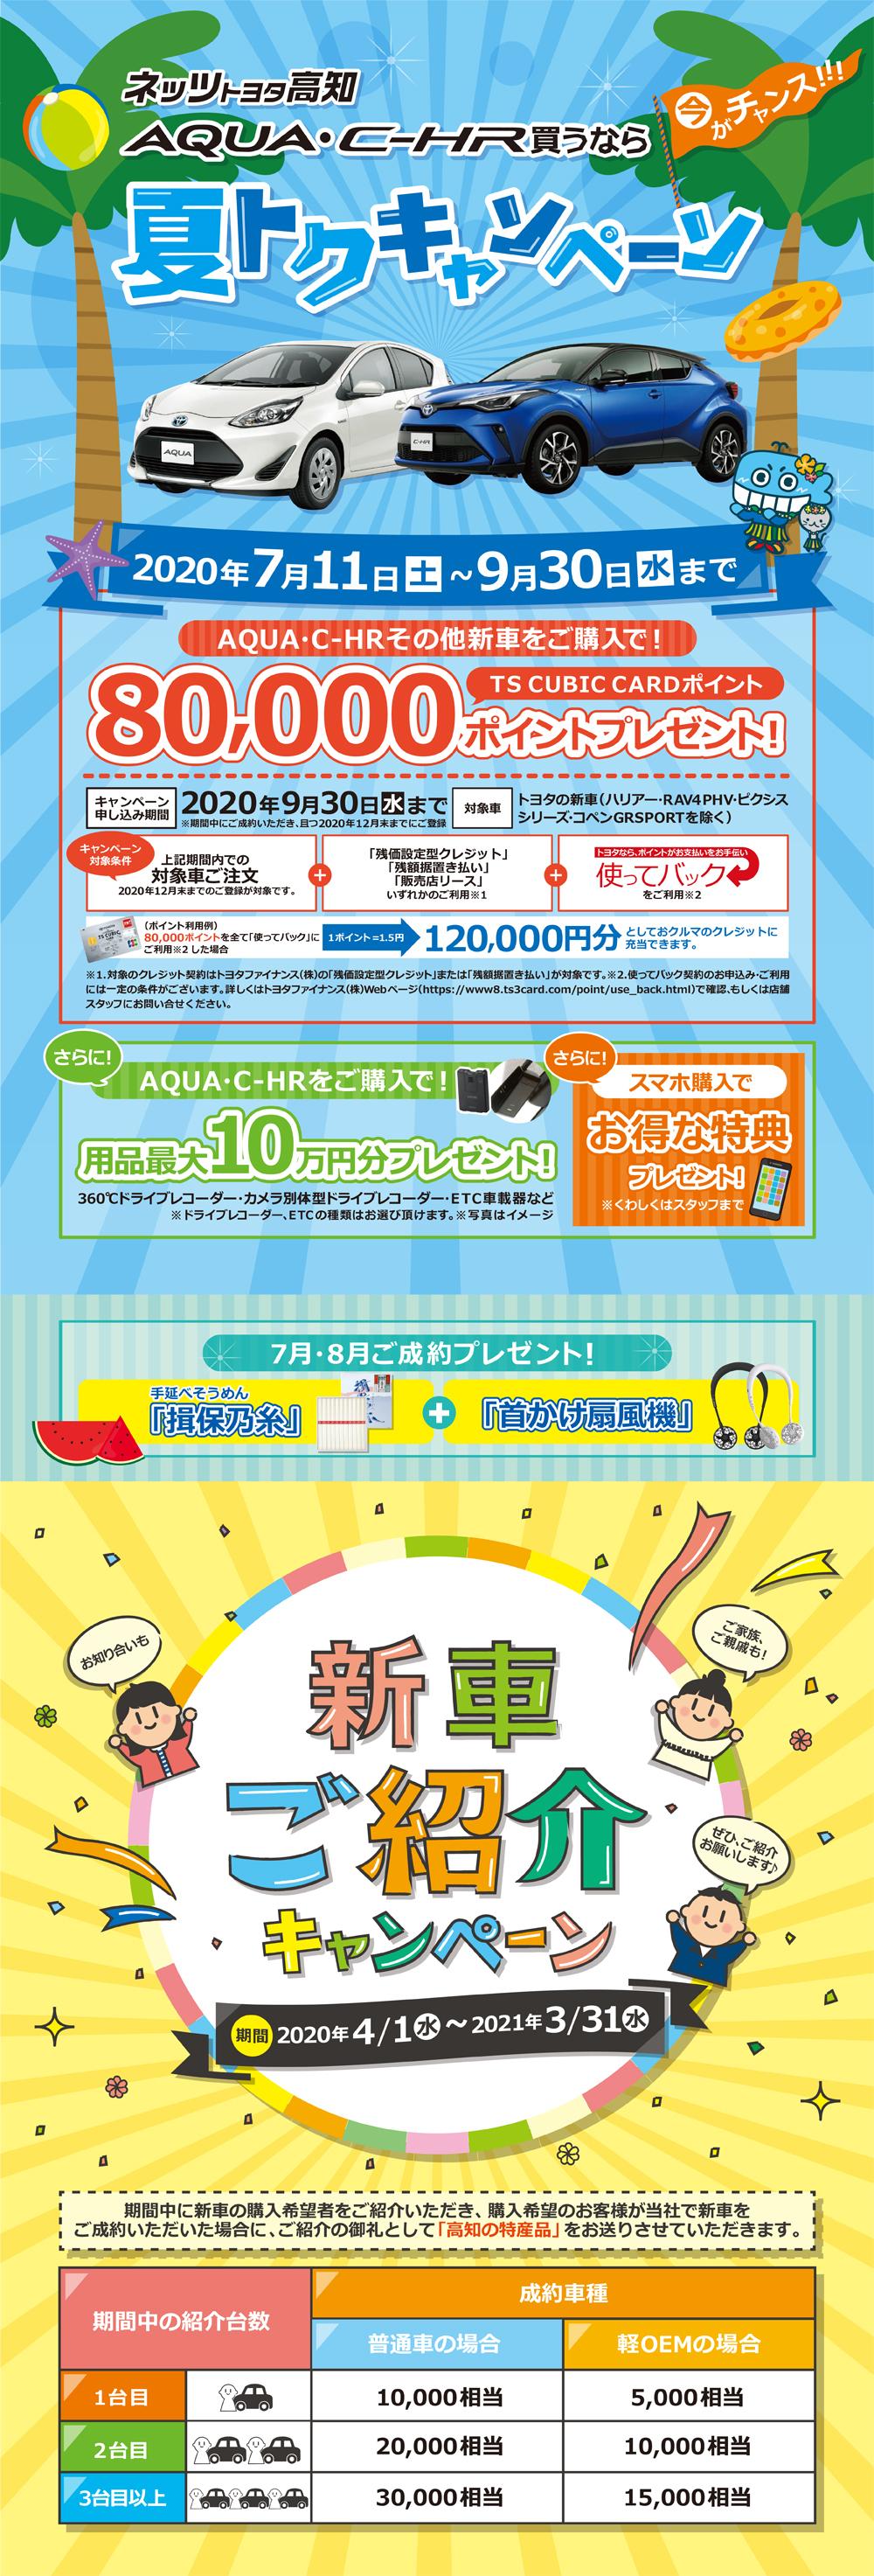 「笑顔の宝石箱」LP用夏トクキャンペーン画像3.jpg